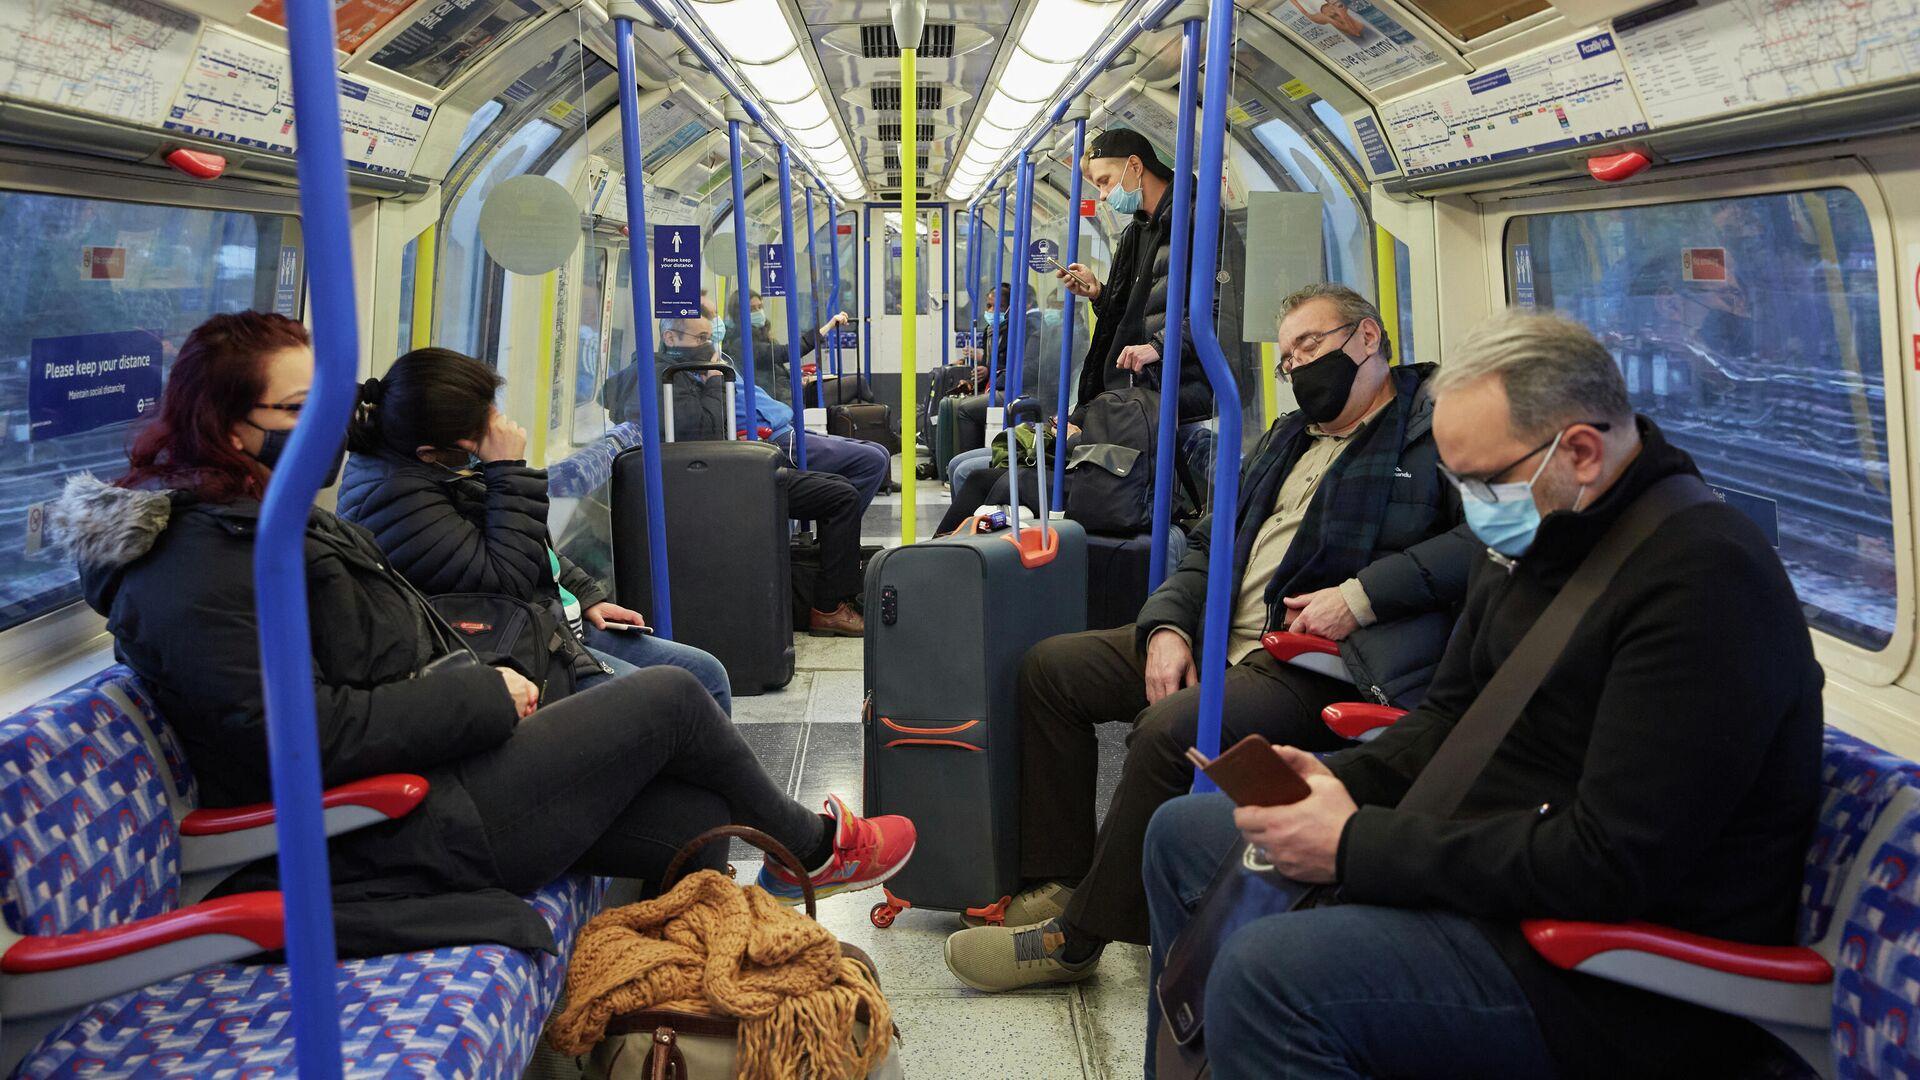 Пассажиры в поезде из аэропорта Хитроу в Лондоне - РИА Новости, 1920, 10.02.2021